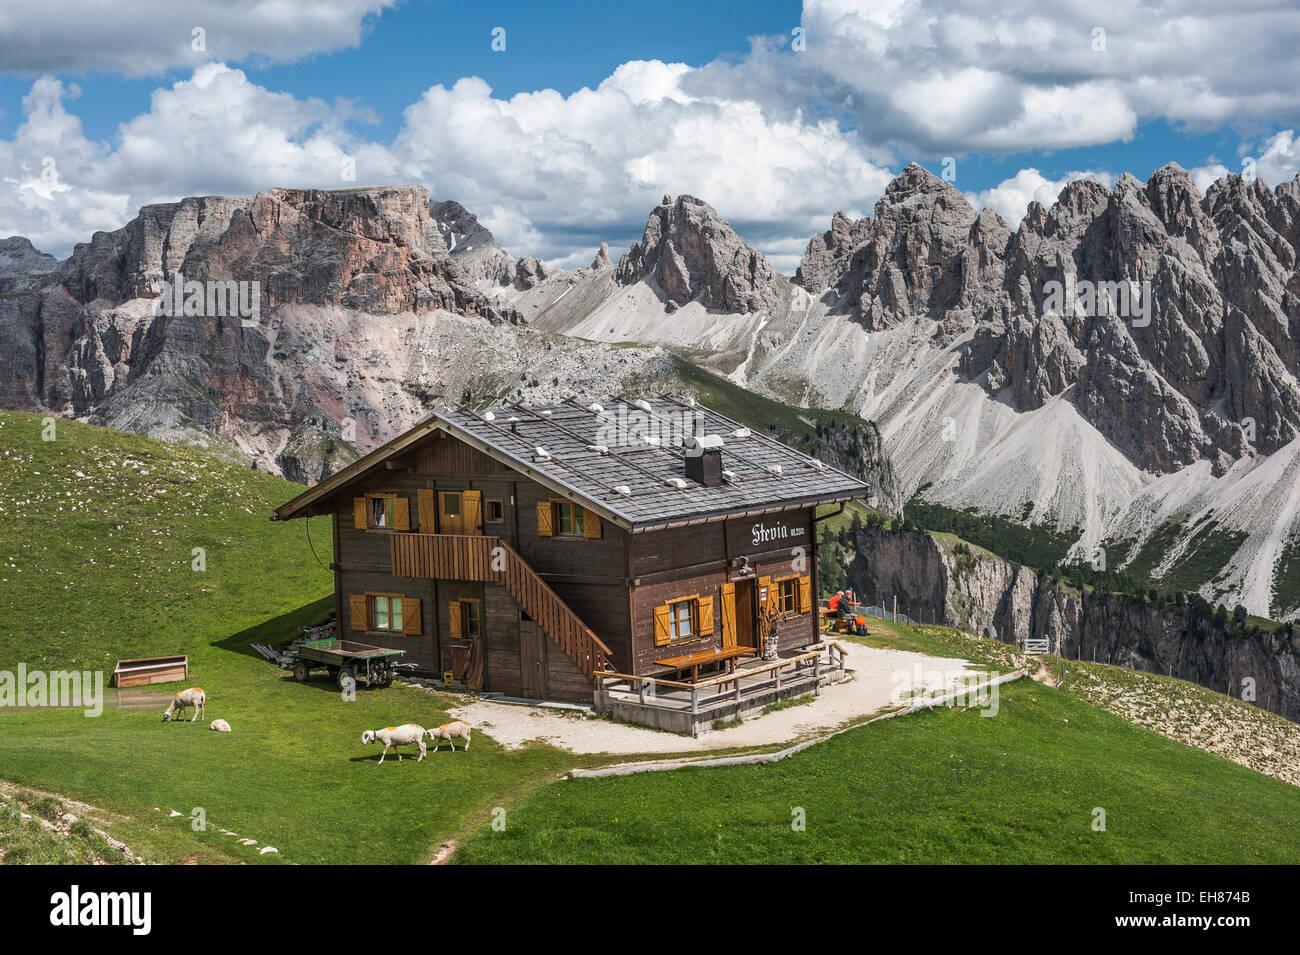 Steviahütte Berggasthaus, 2312m, Stevia-Massivs, Puez-Gruppe, Naturpark Puez-Geisler, Grödner Dolomiten, Stockbild